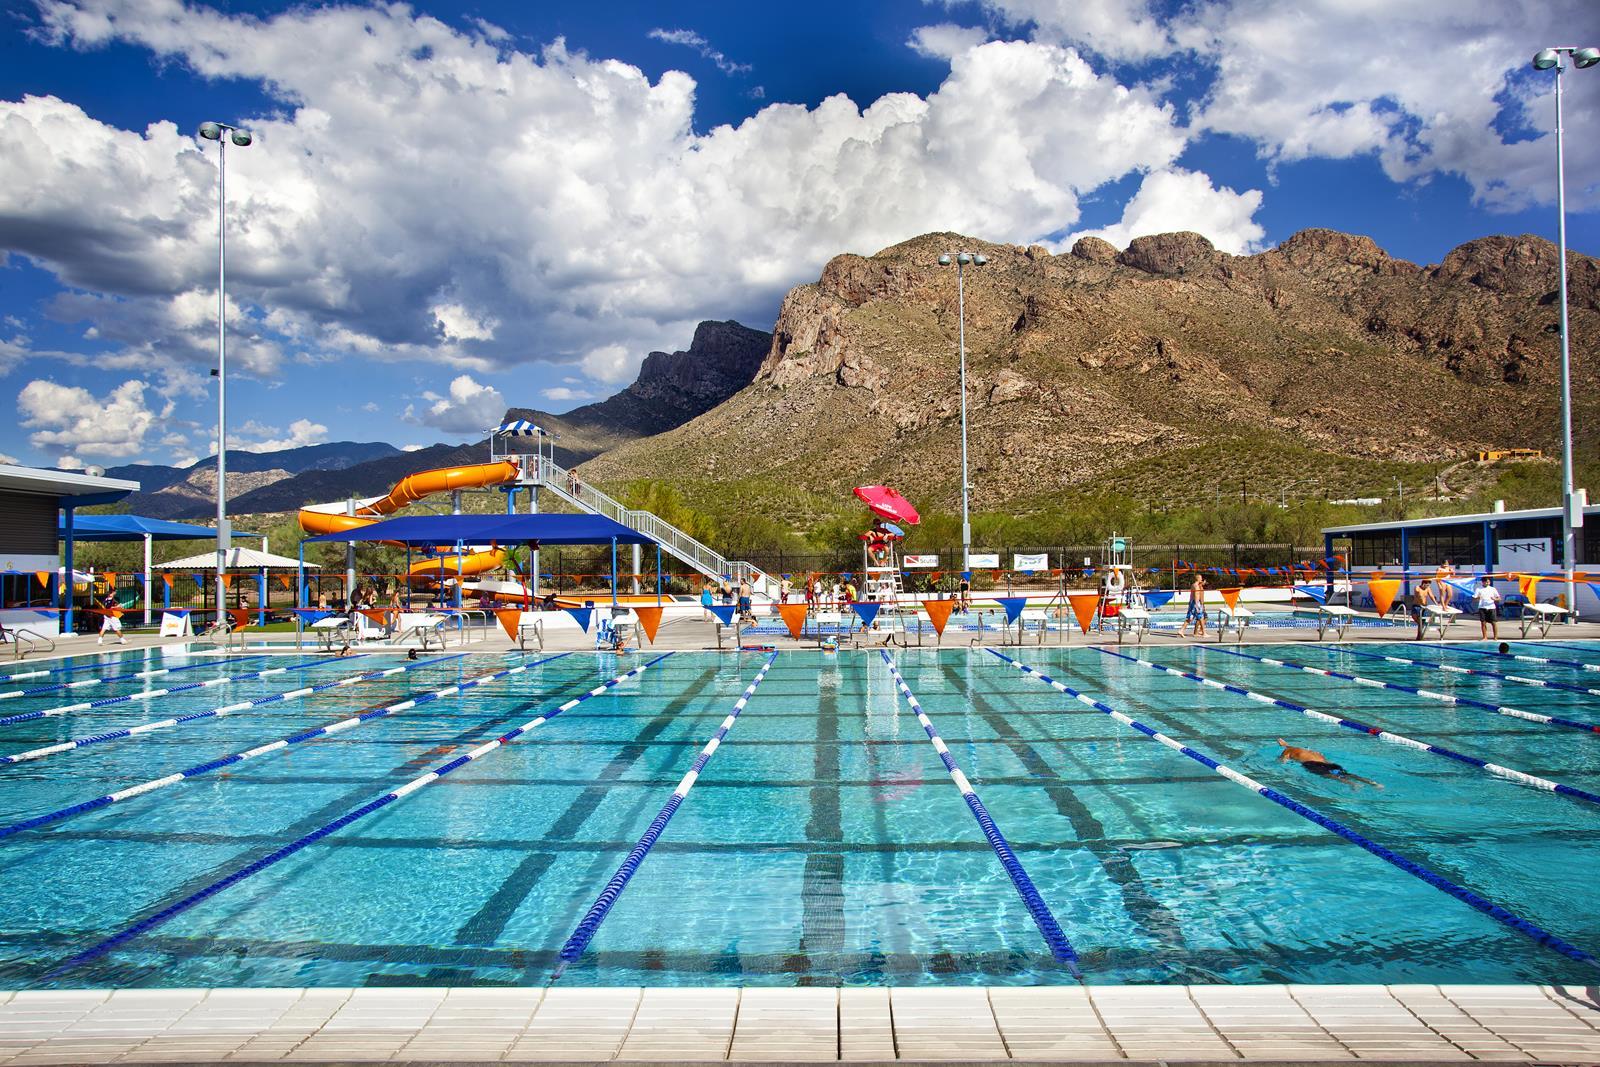 4.Oro Valley Aquatic Center